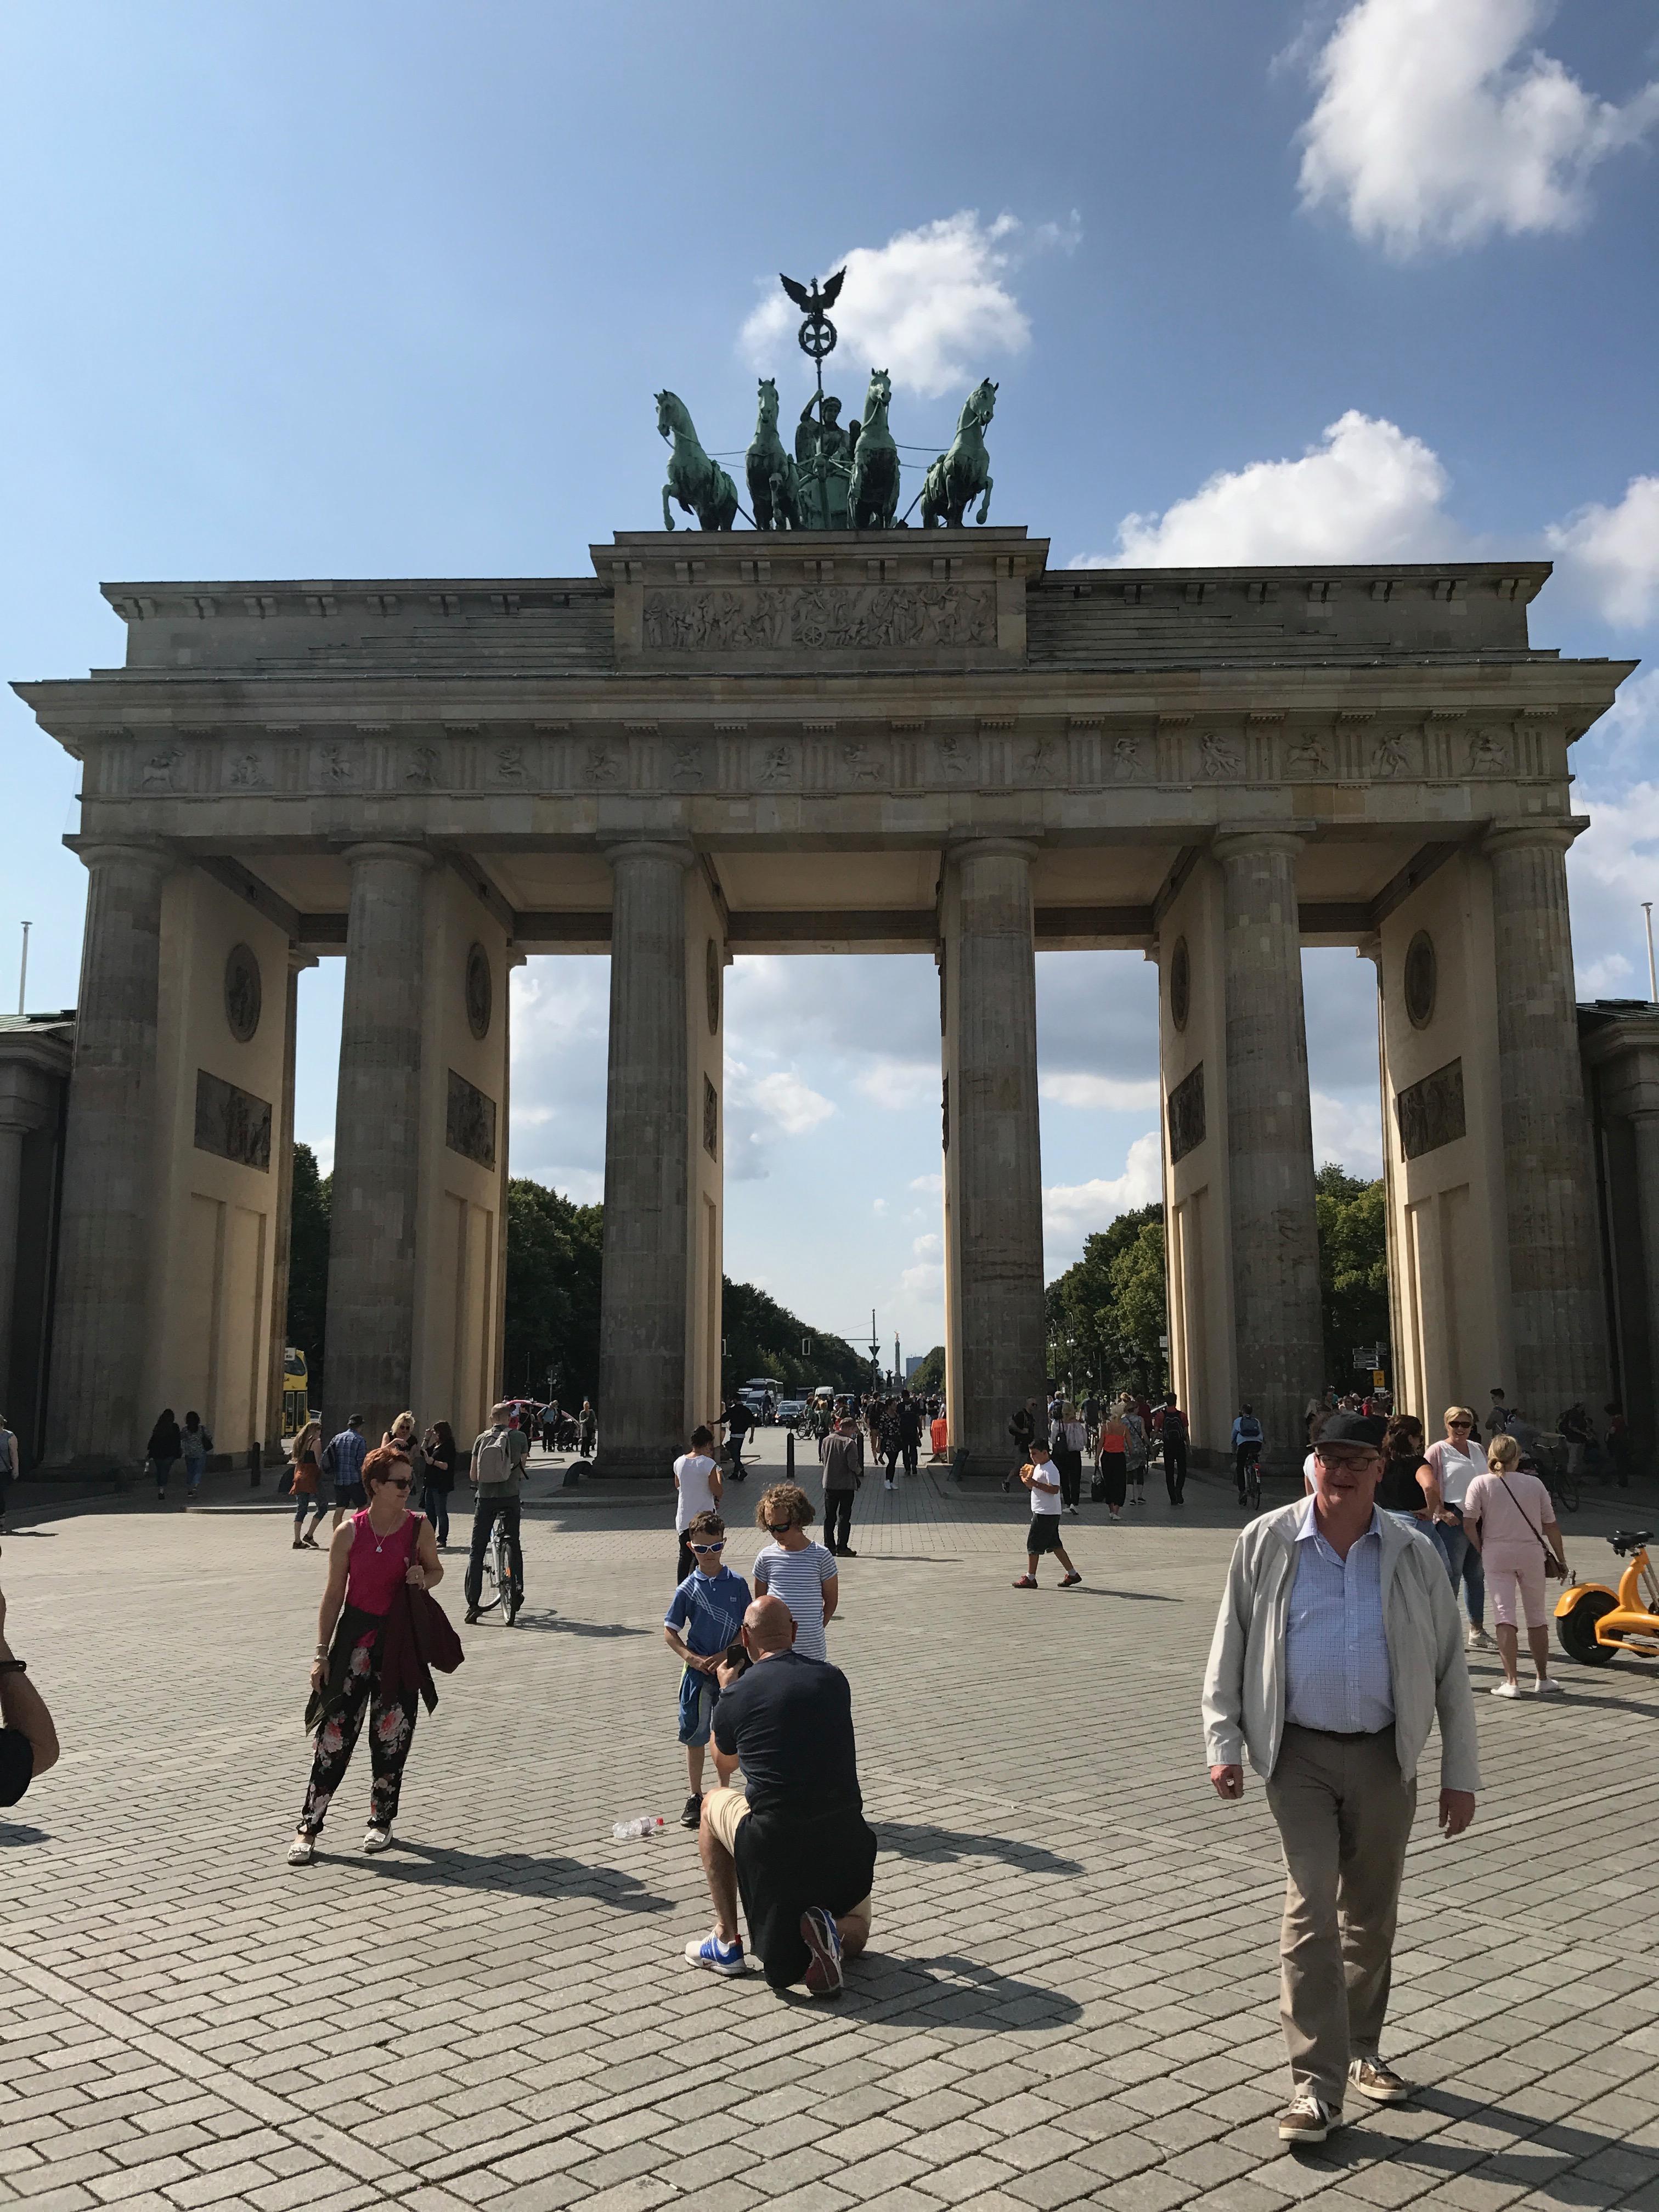 IMG_7834 برلين عاصمة الحرب و السلام , هنا تجدون رحلتي لها مع اهم الاماكن السياحية و الفنادق و الاسواق و بعض المطاعم .